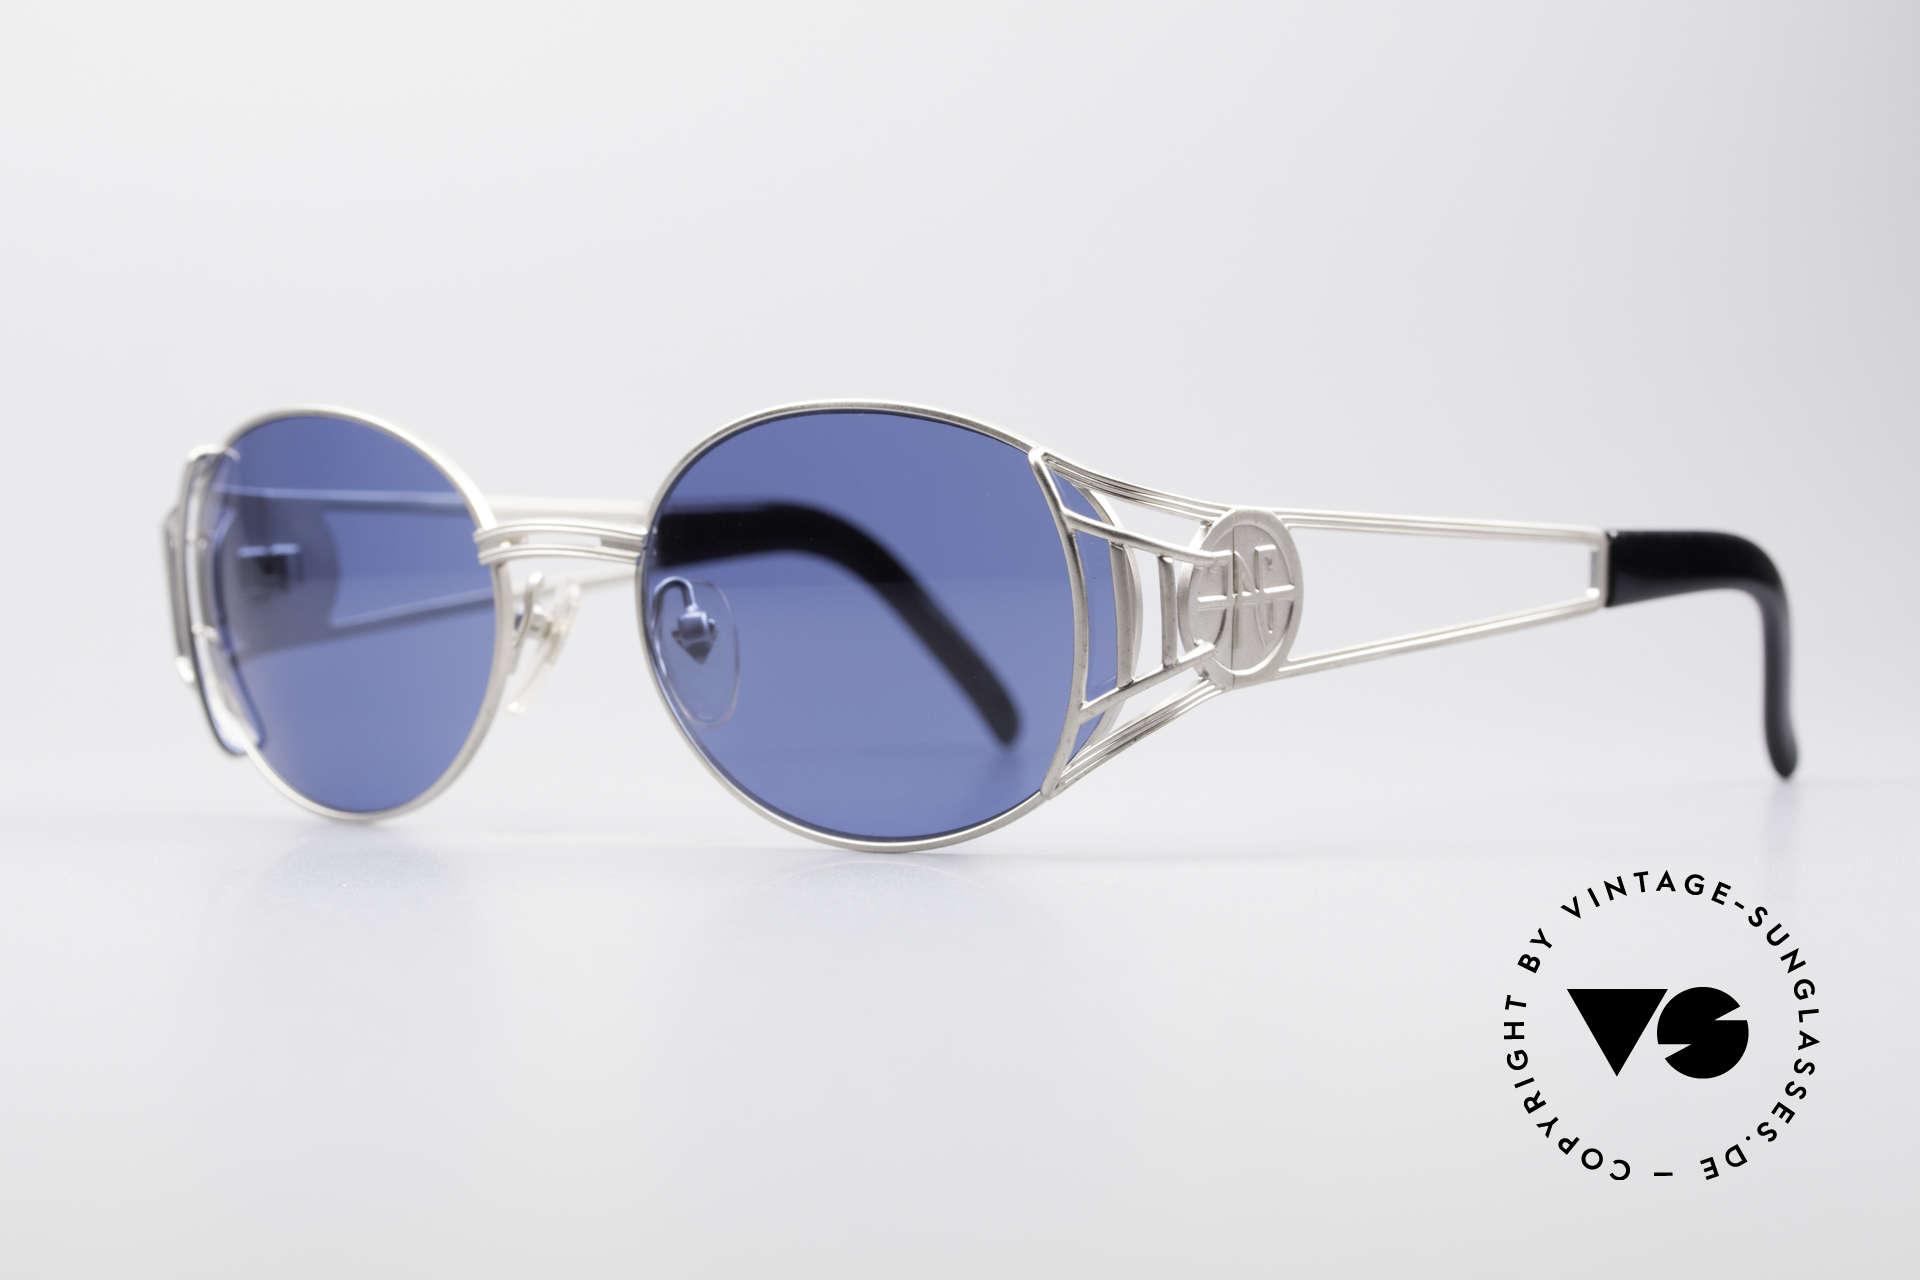 """Jean Paul Gaultier 58-6102 Steampunk Sonnenbrille, heutzutage oft als """"STEAMPUNK-Brille"""" bezeichnet, Passend für Herren und Damen"""